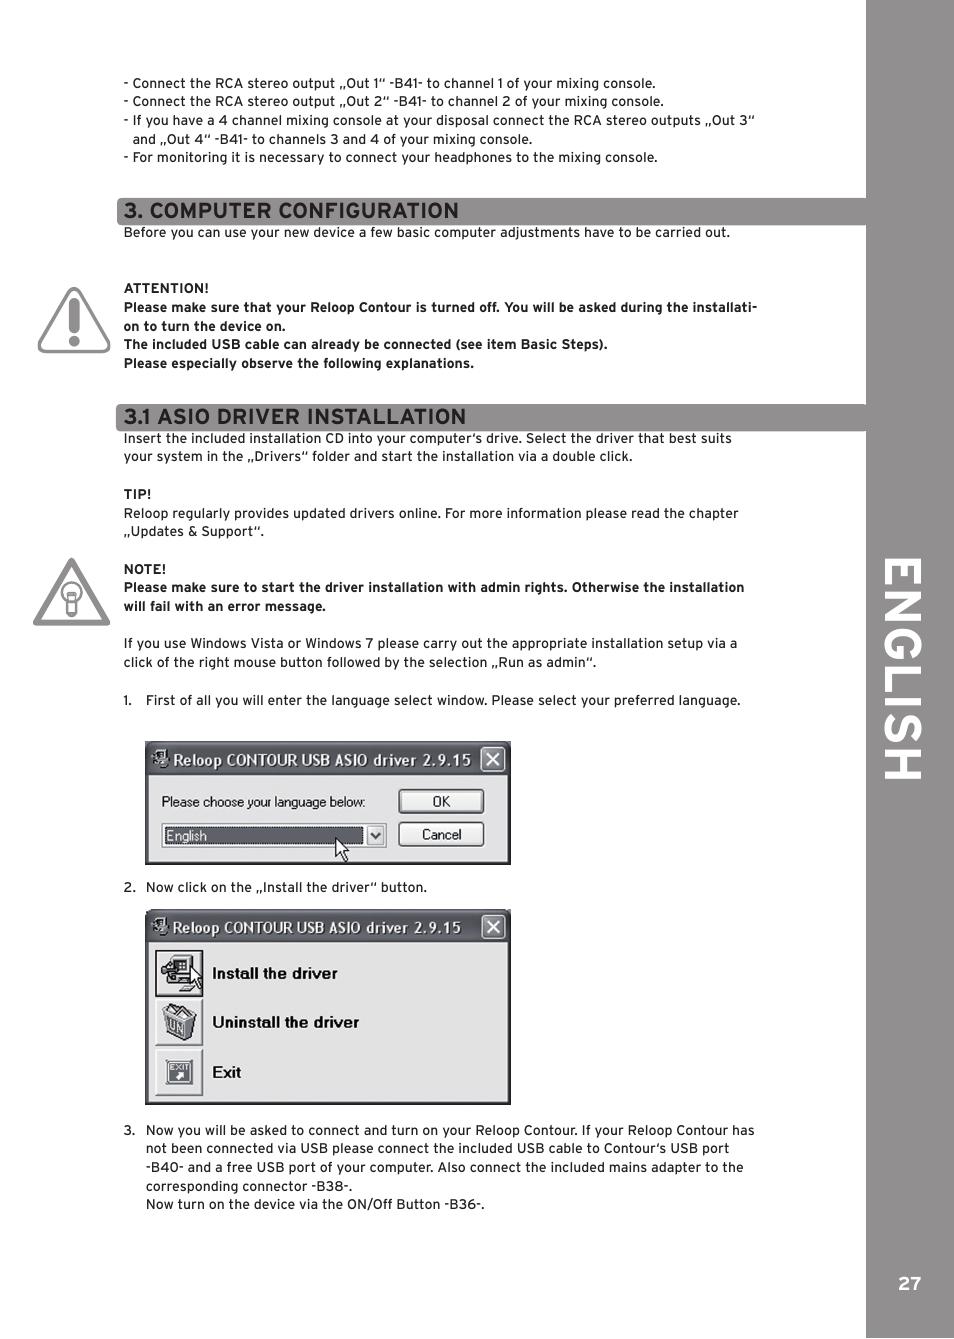 Computer configuration, 1 asio driver installation, Engli sh